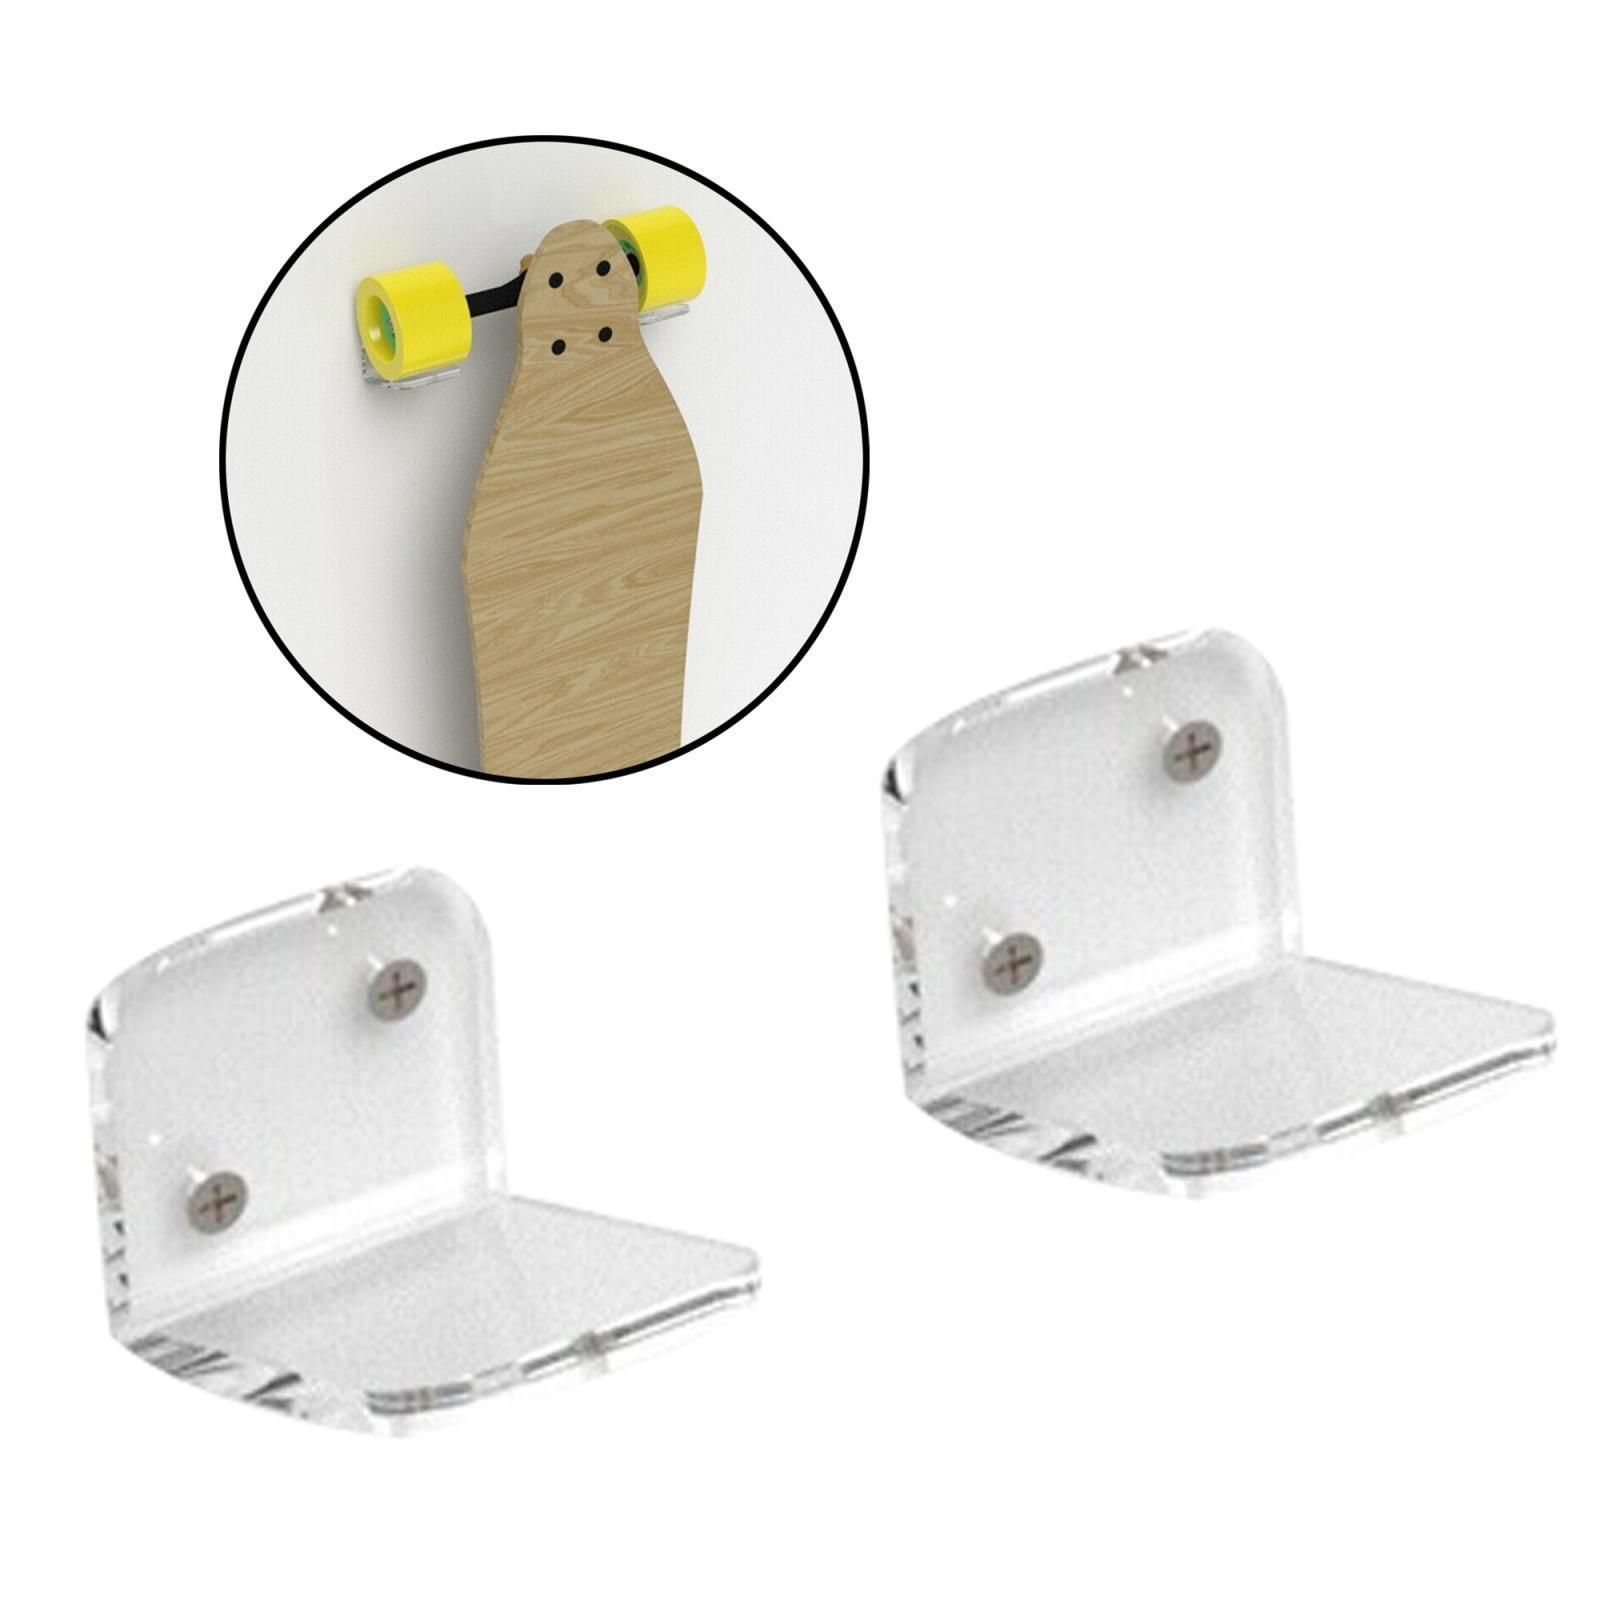 Espositore-appendiabiti-per-montaggio-a-parete-per-Skateboard-in-acrilico miniatura 5